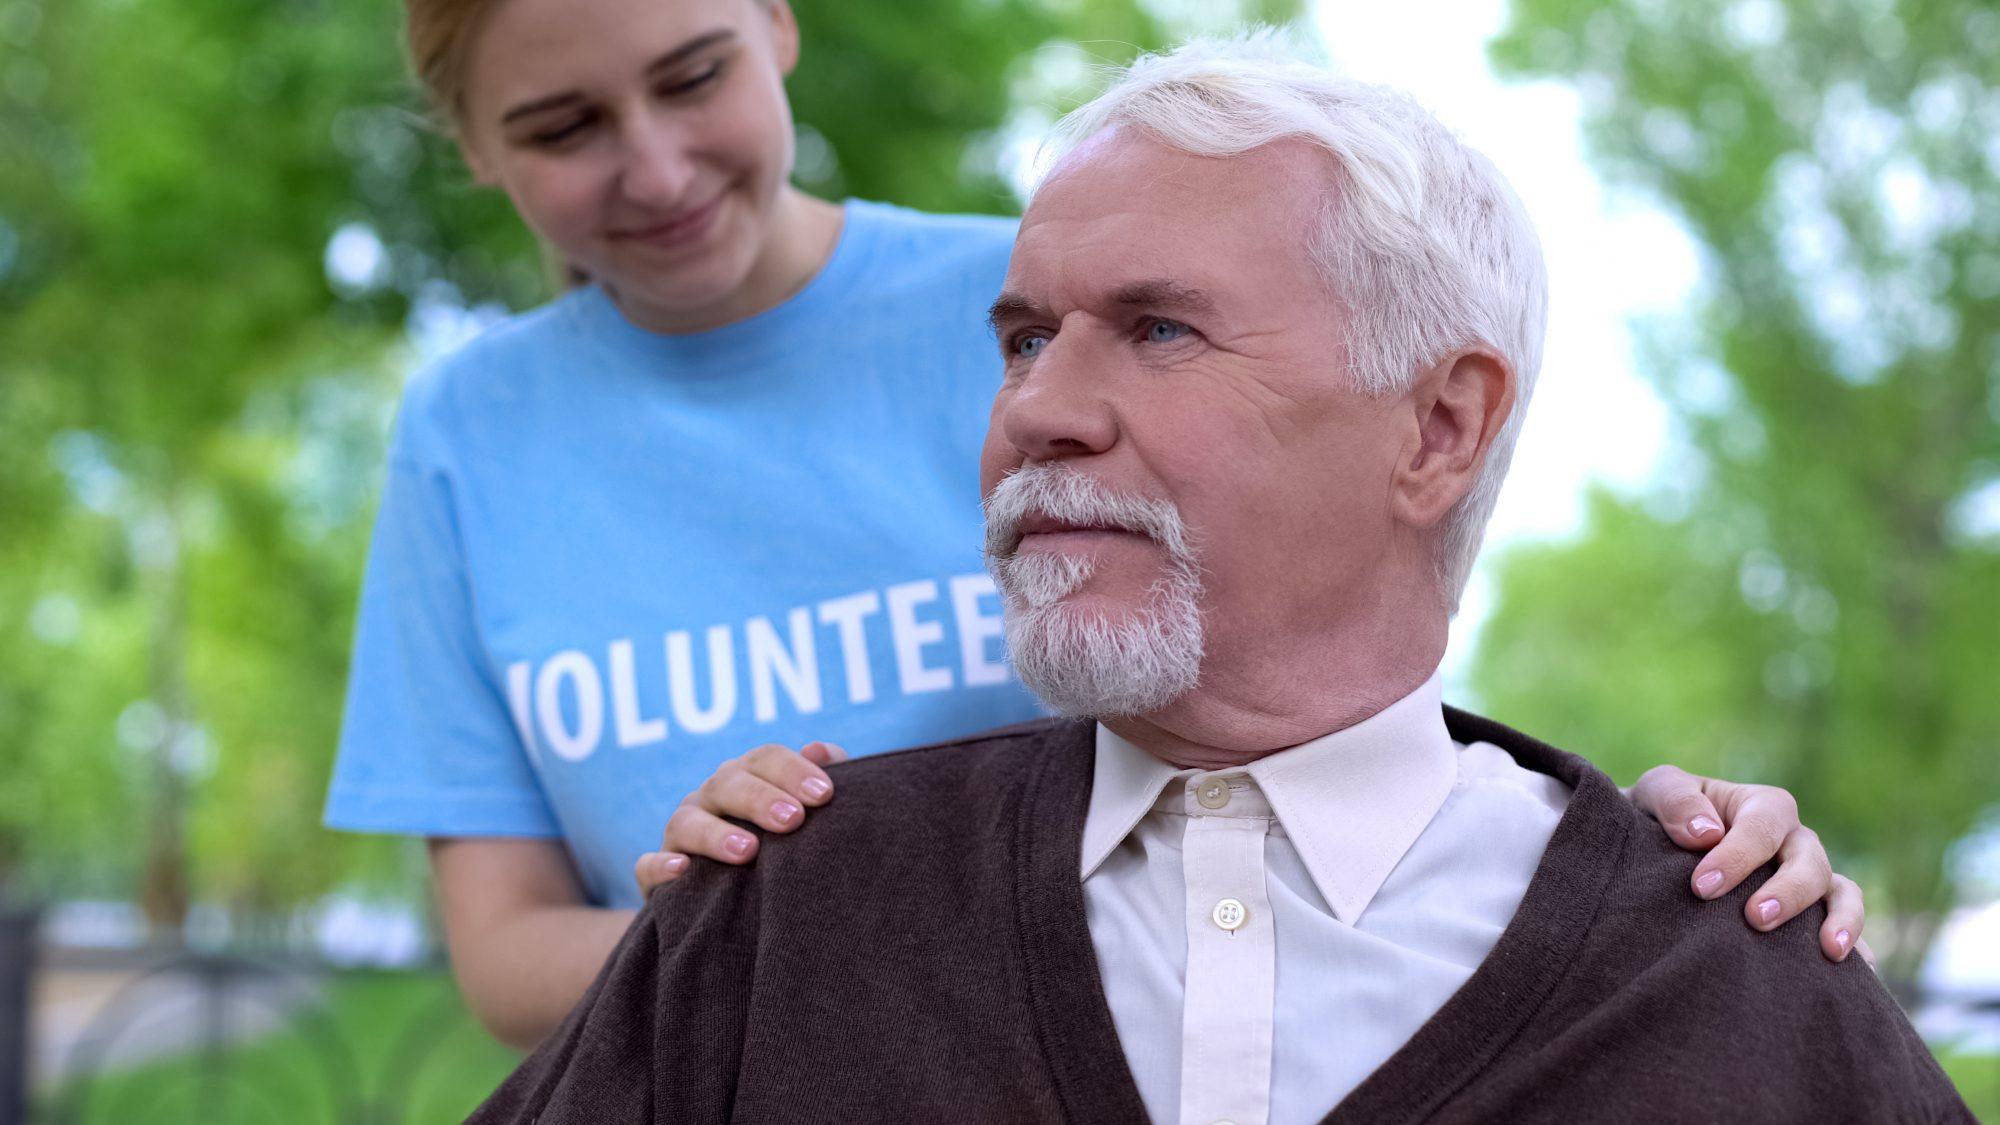 fix adult social care